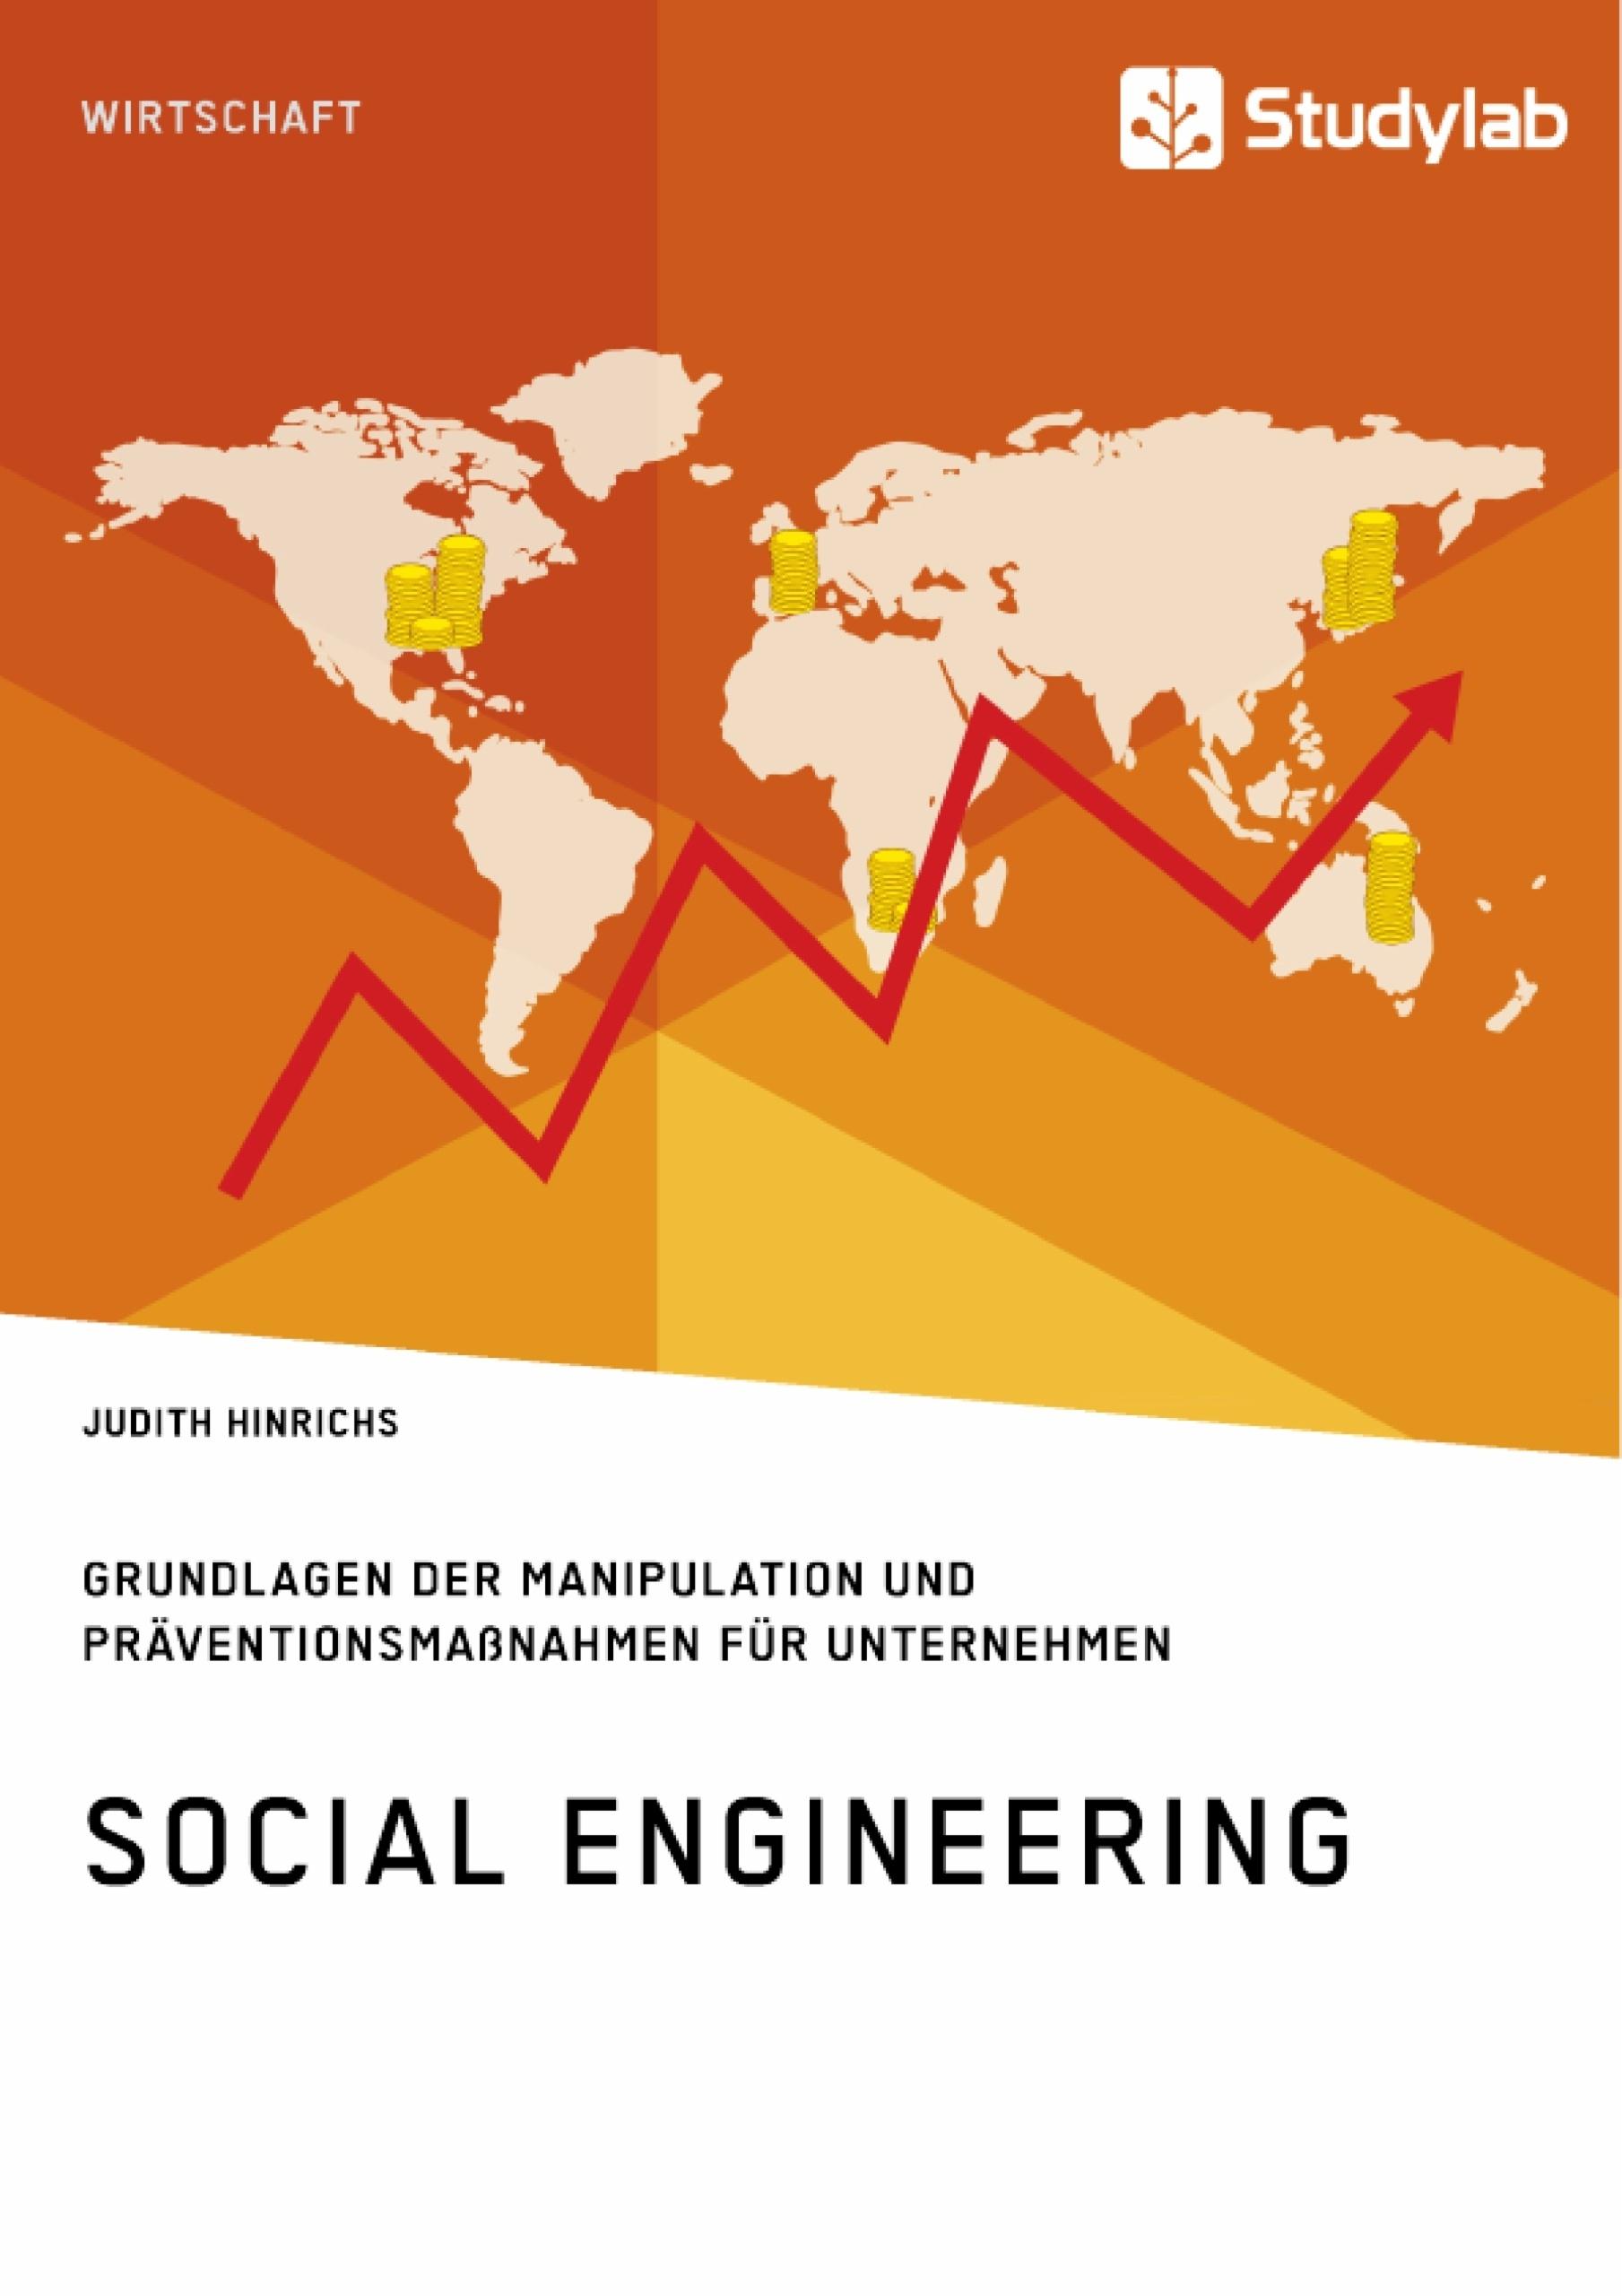 Titel: Social Engineering. Grundlagen der Manipulation und Präventionsmaßnahmen für Unternehmen